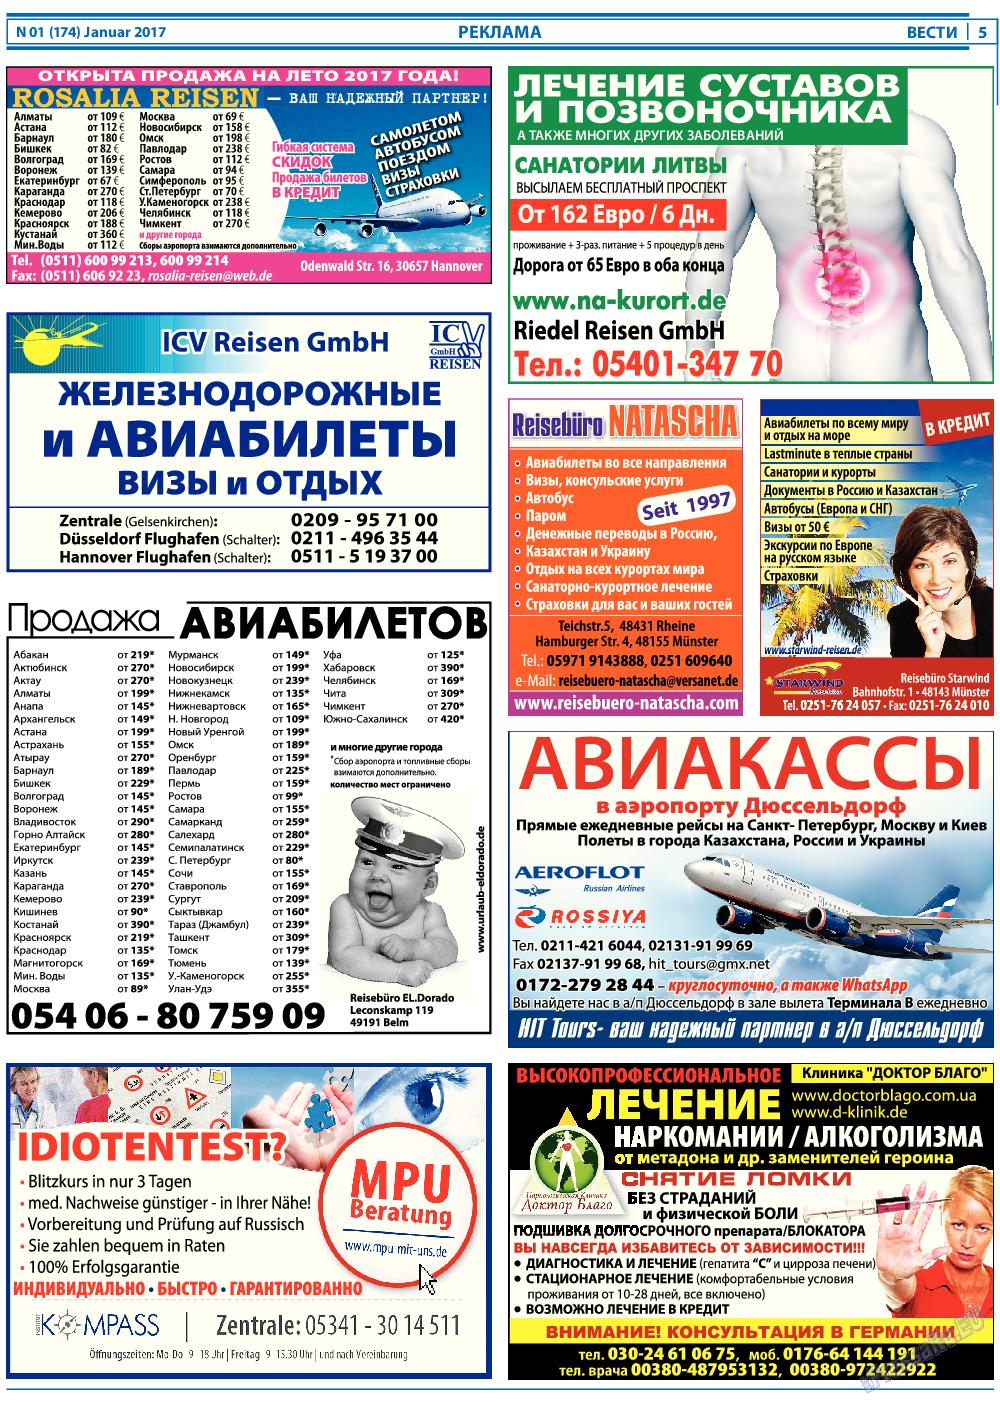 Как дать объявление в газете в германии работа в мценске свежие вакансии на авито продавец